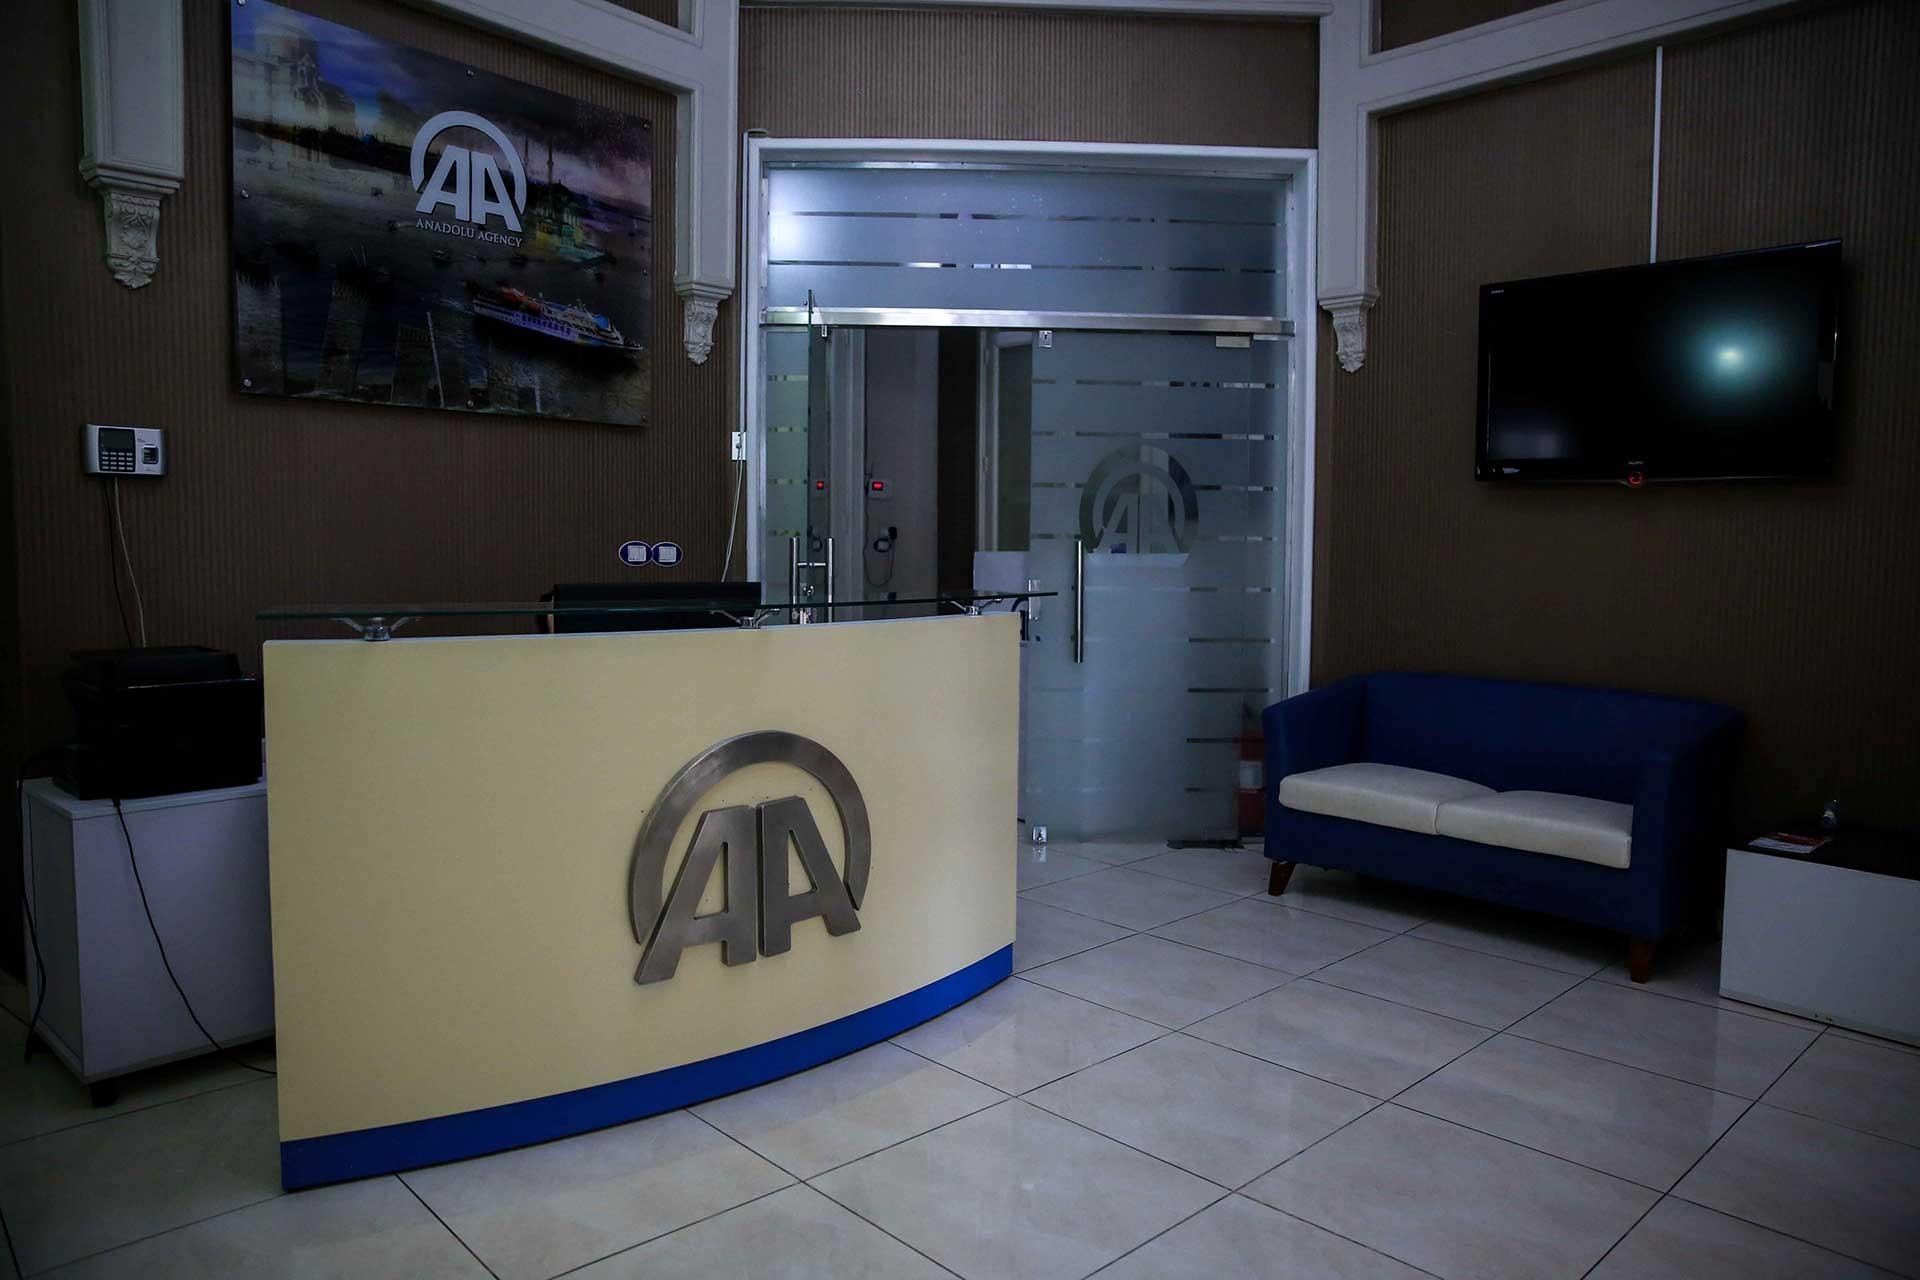 AA'nın Mısır'da bulunan bürosundan bir kare